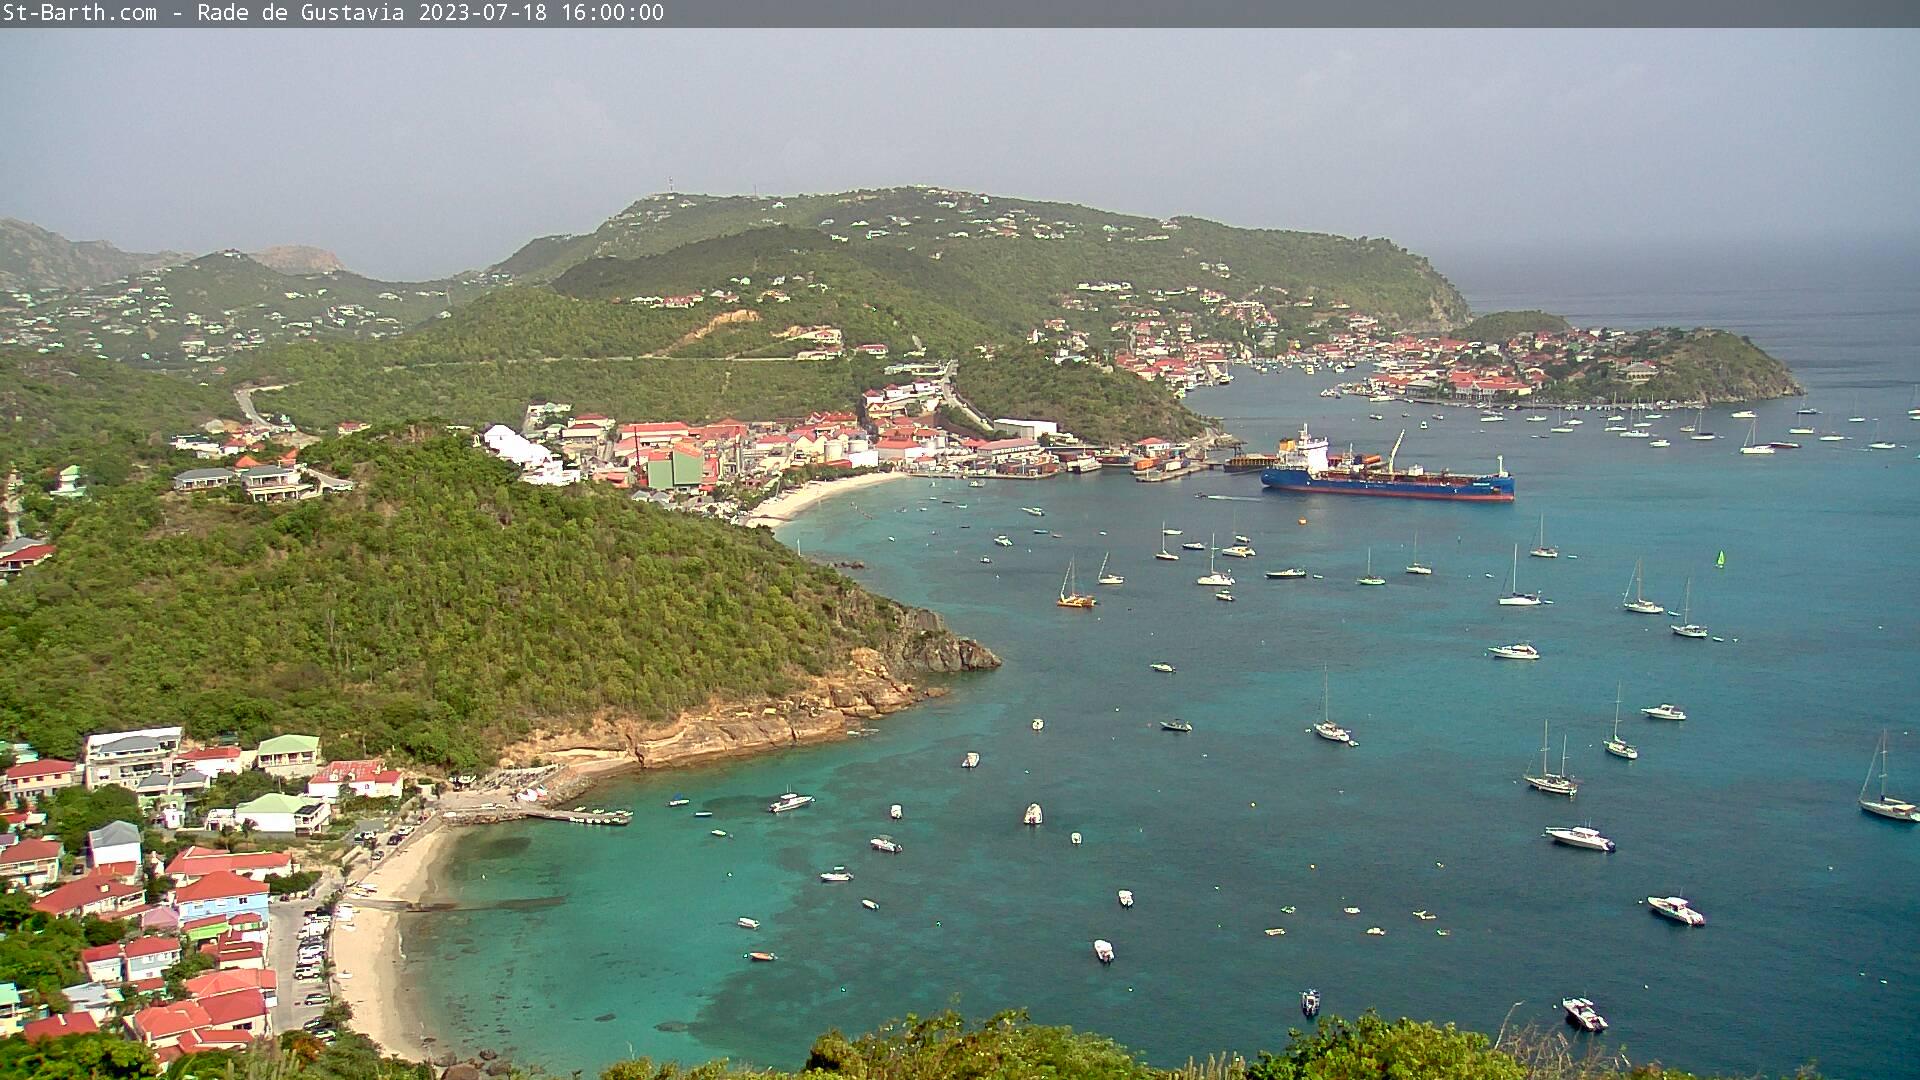 webcam St-Barth - Rade de Gustavia